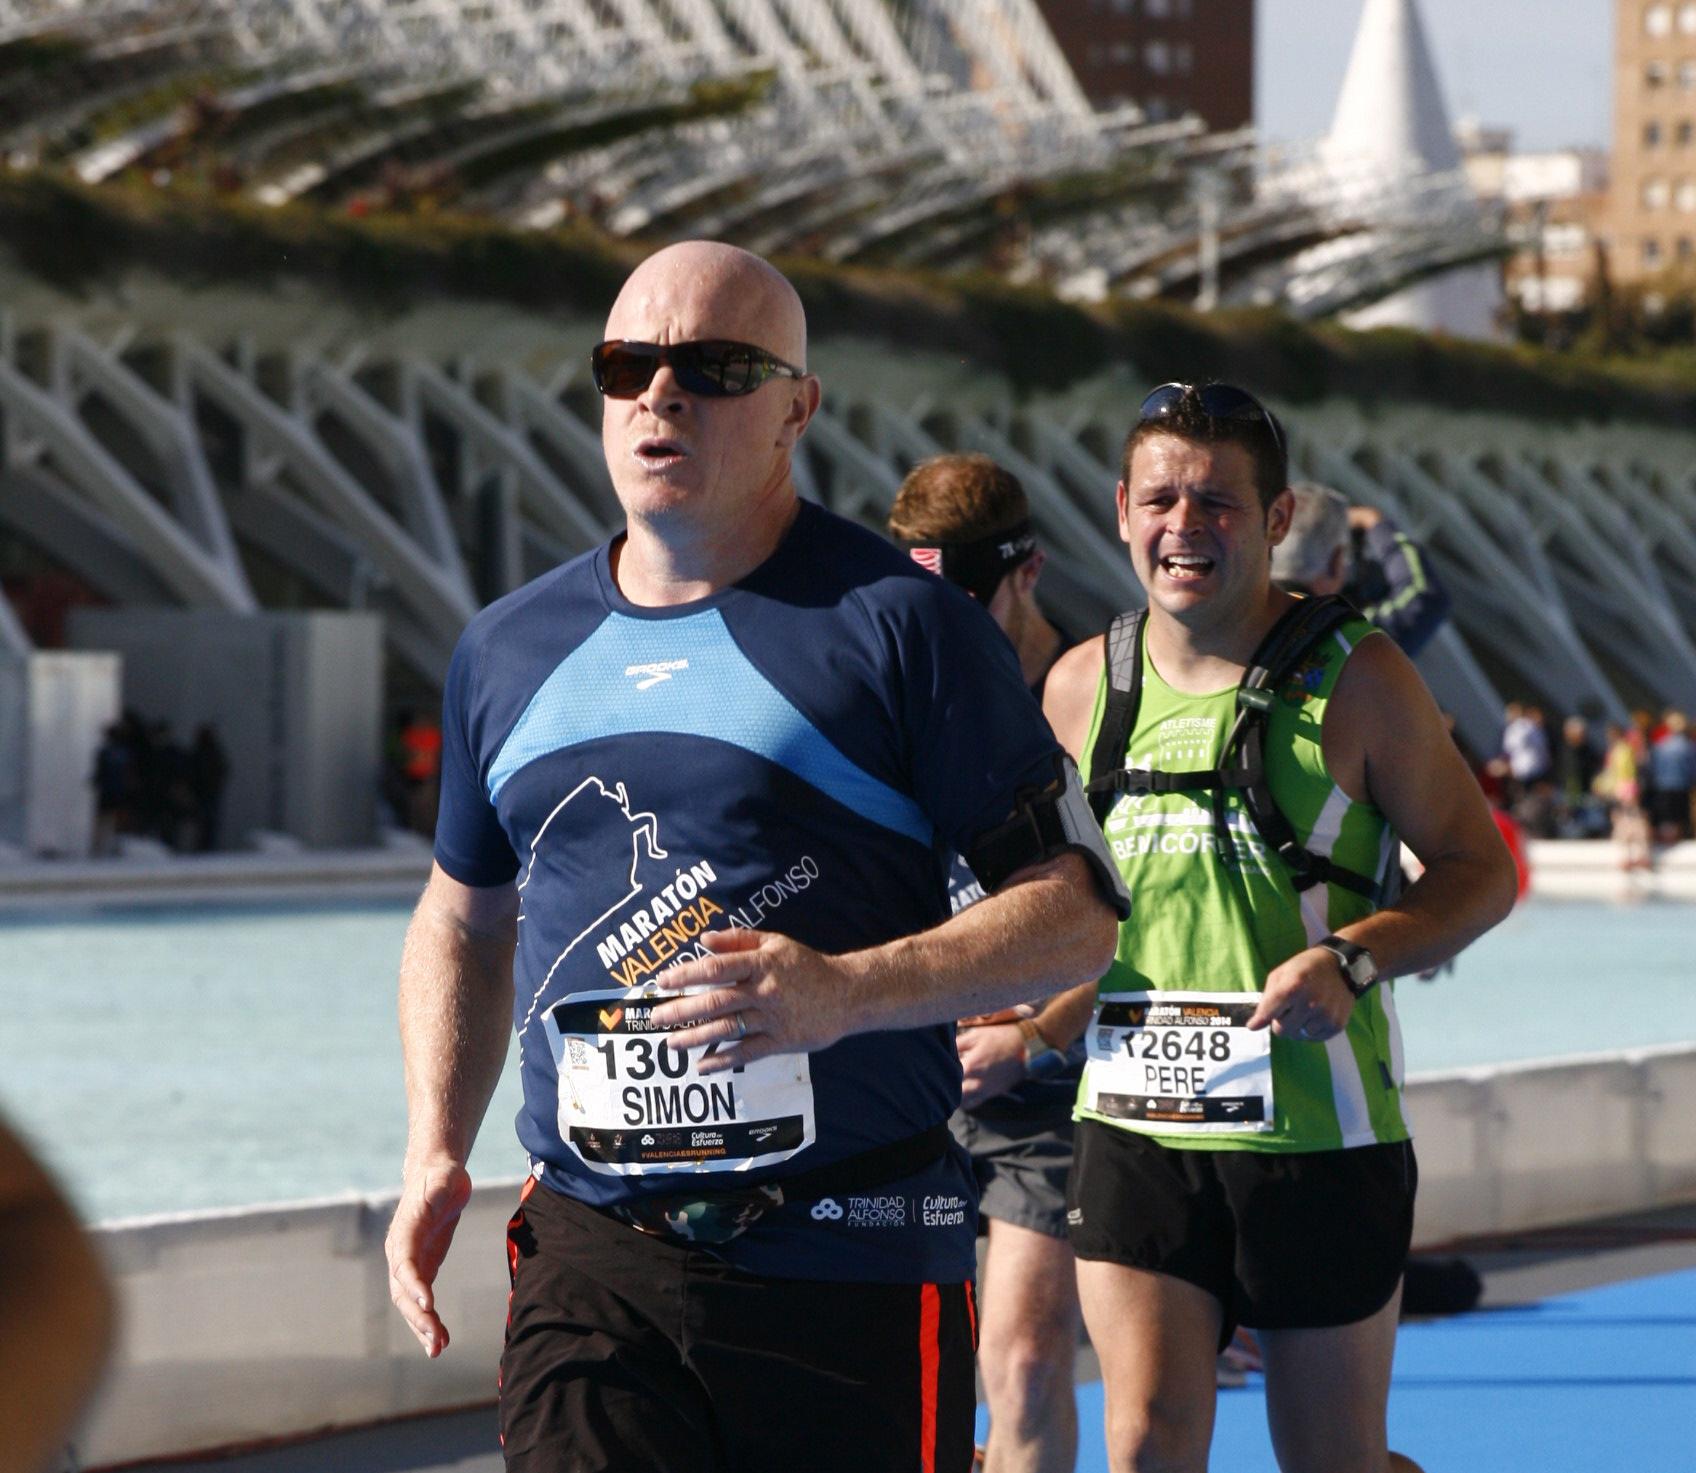 Simon marathon